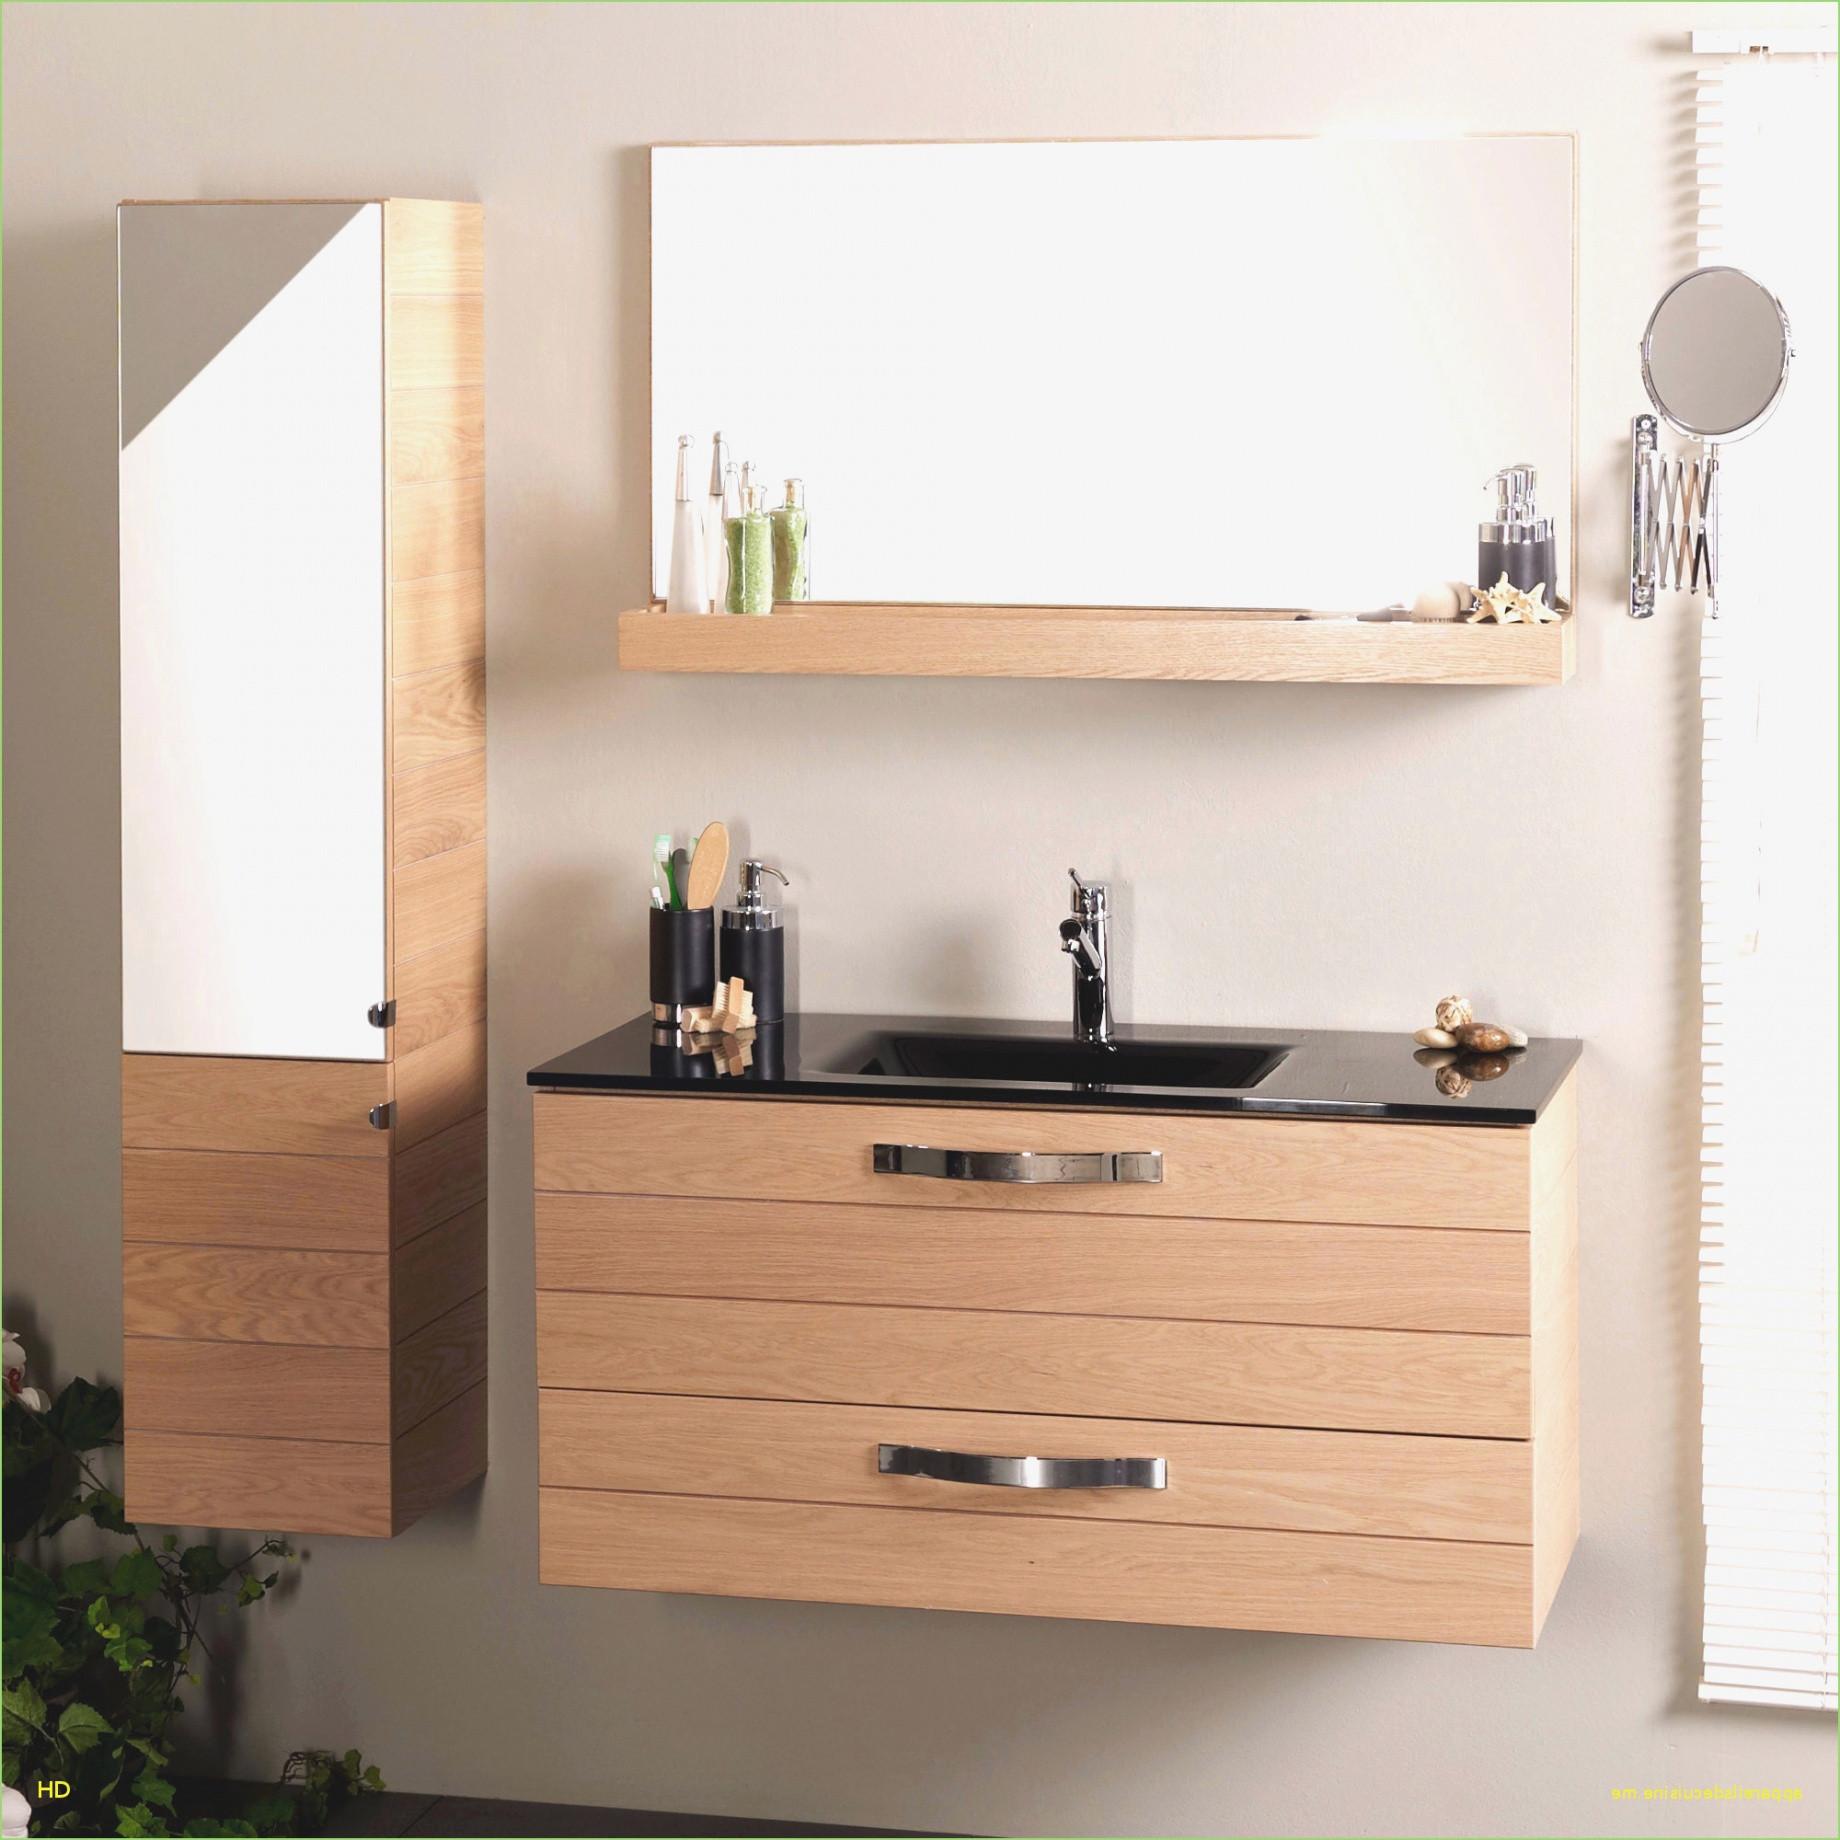 meuble but chambre but meuble salle de bain desserte salle de bain beau s de but of meuble but chambre